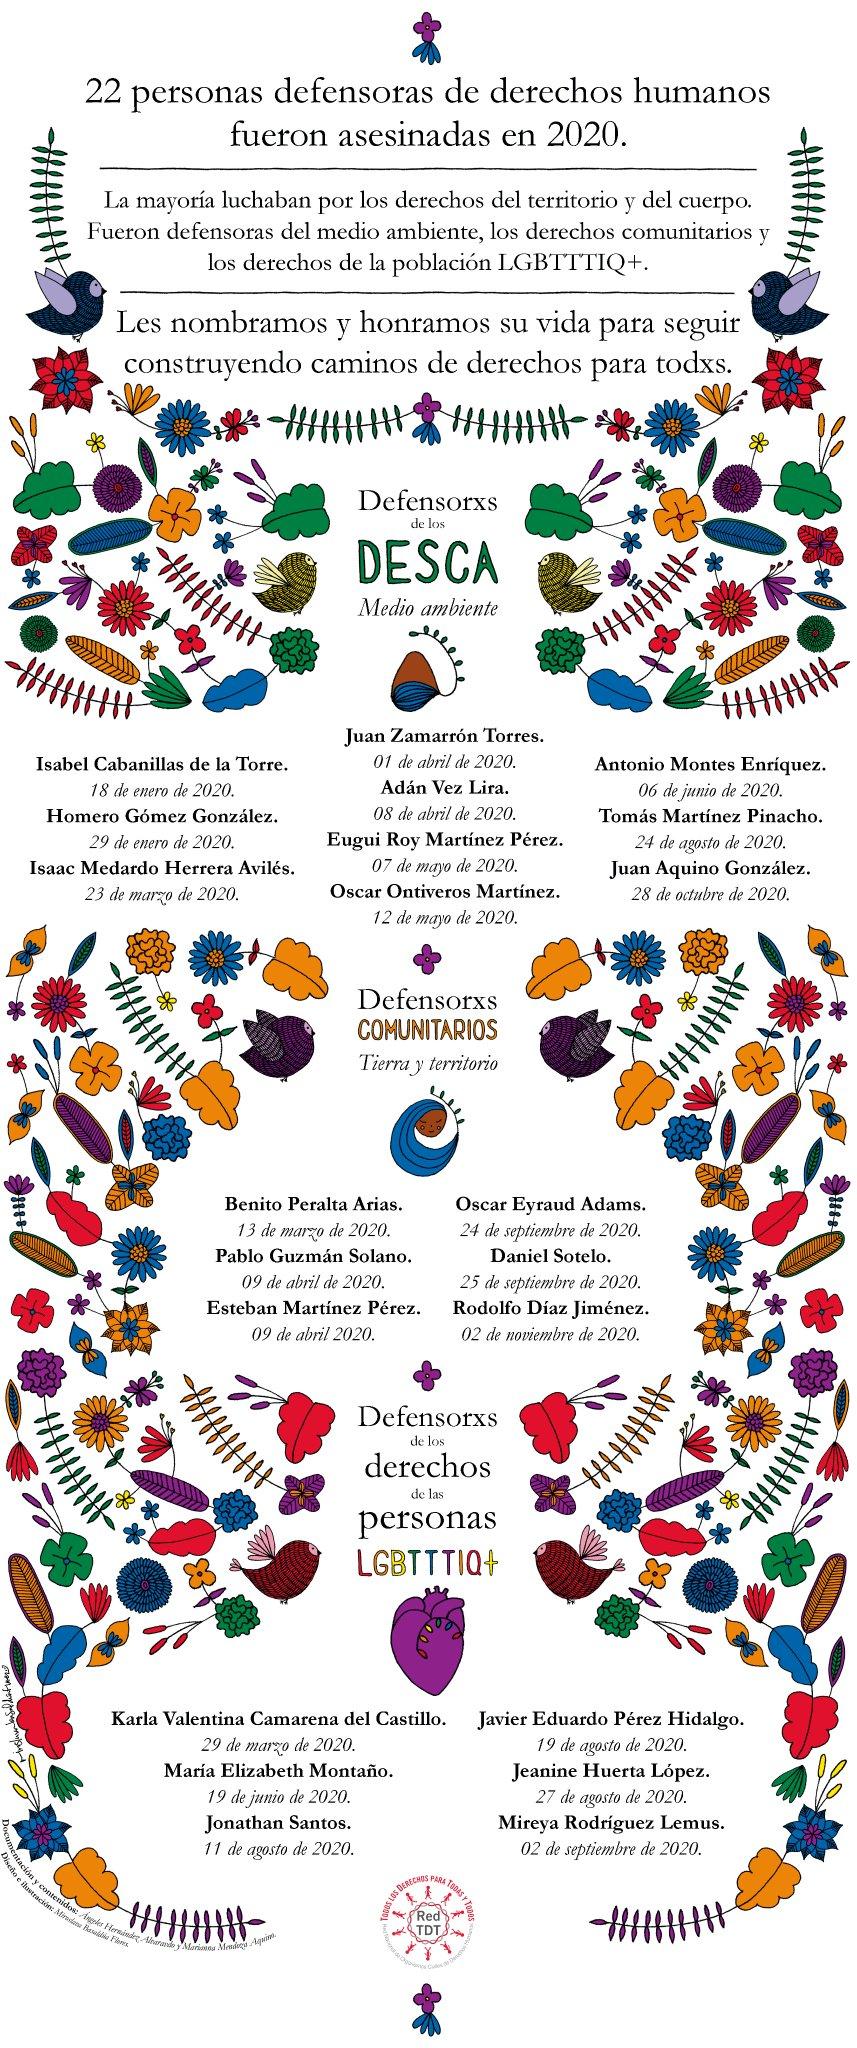 Activistas y defensores de los derechos LGBT+ asesinados en México en 2020